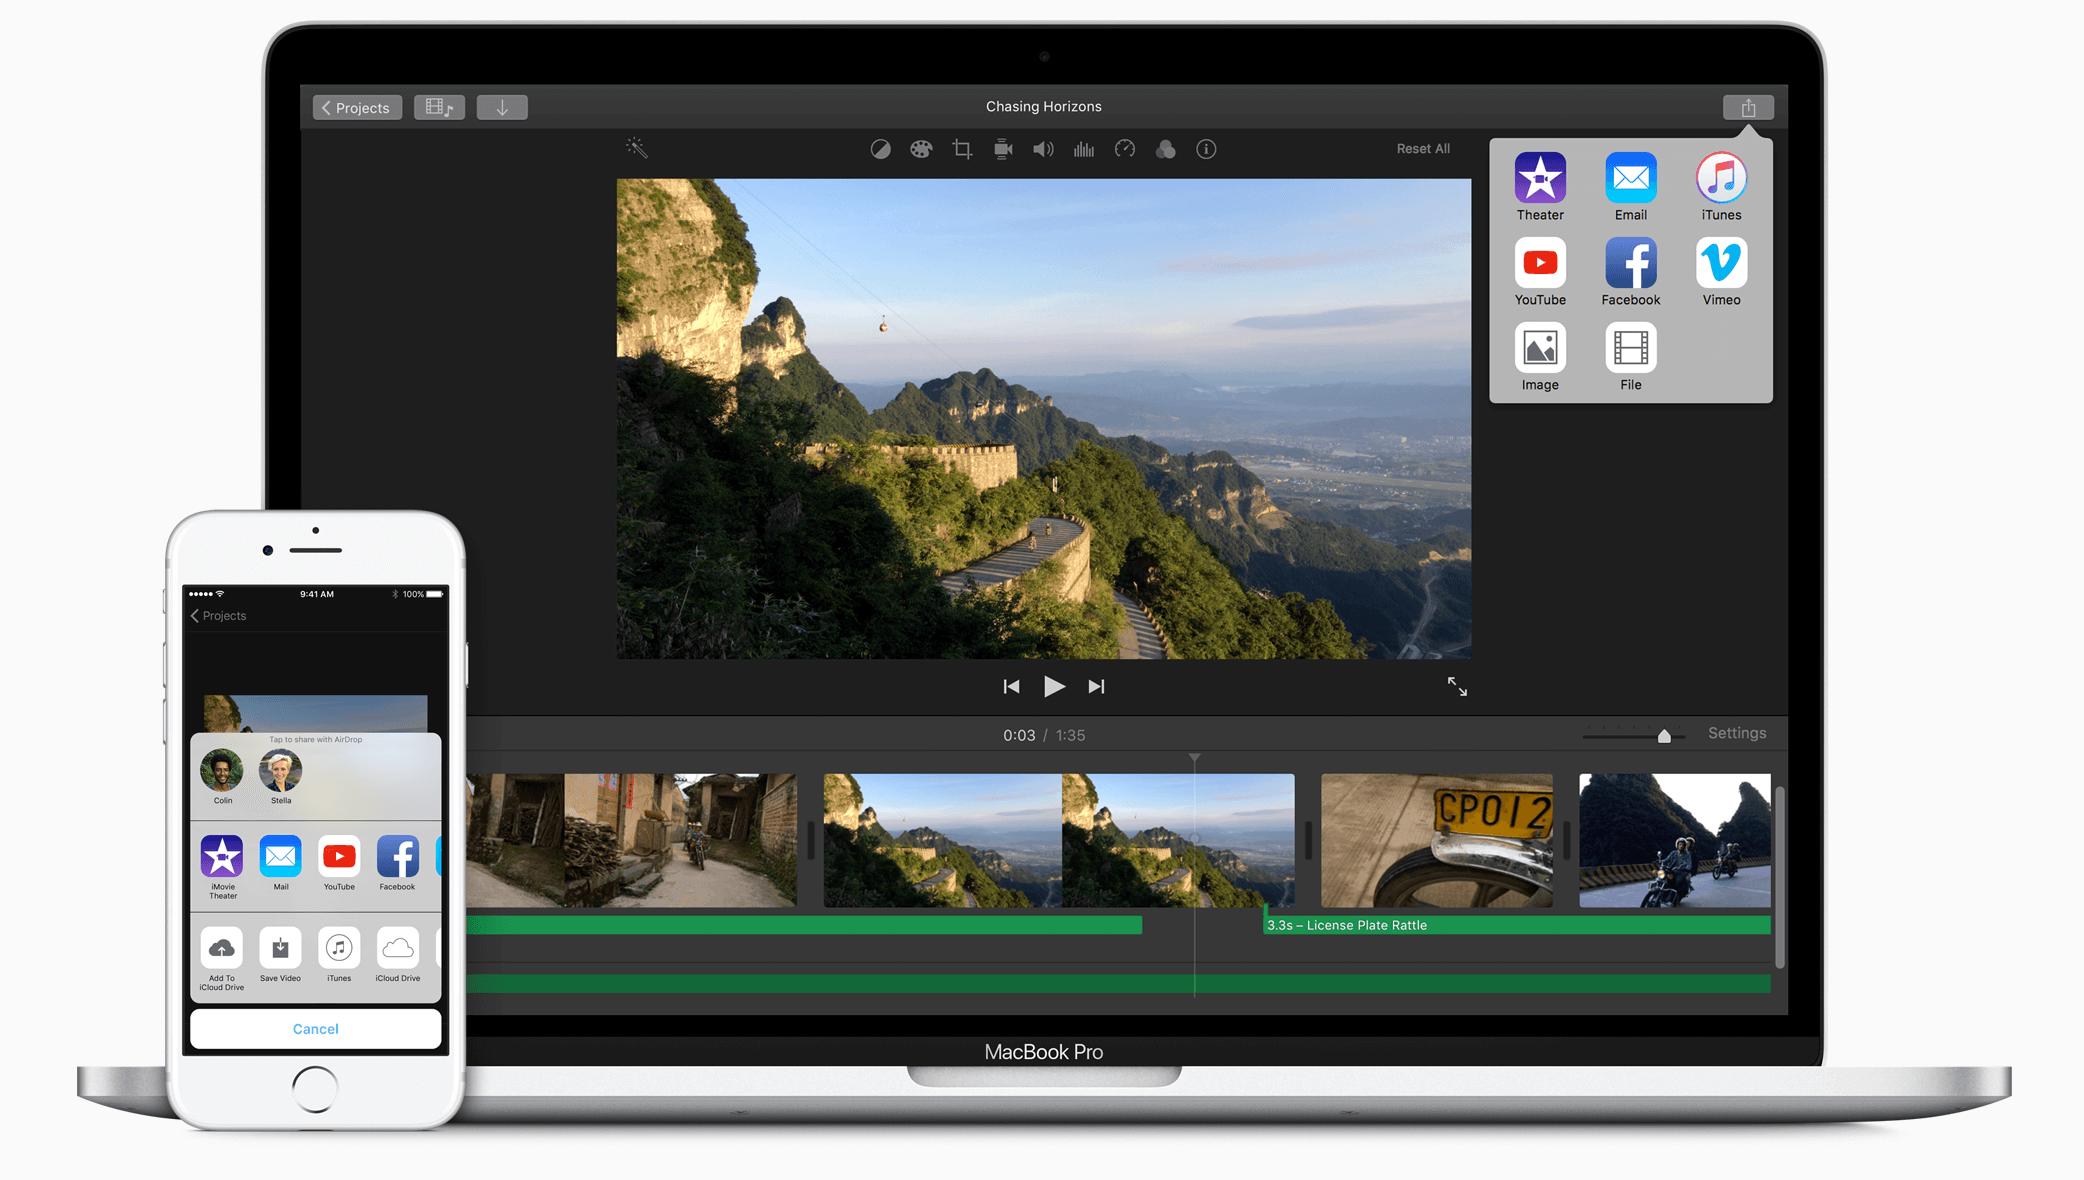 Cómo convertir tu iPhone en una máquina de video marketing - Como convertir tu iPhone en una maquina de video marketing